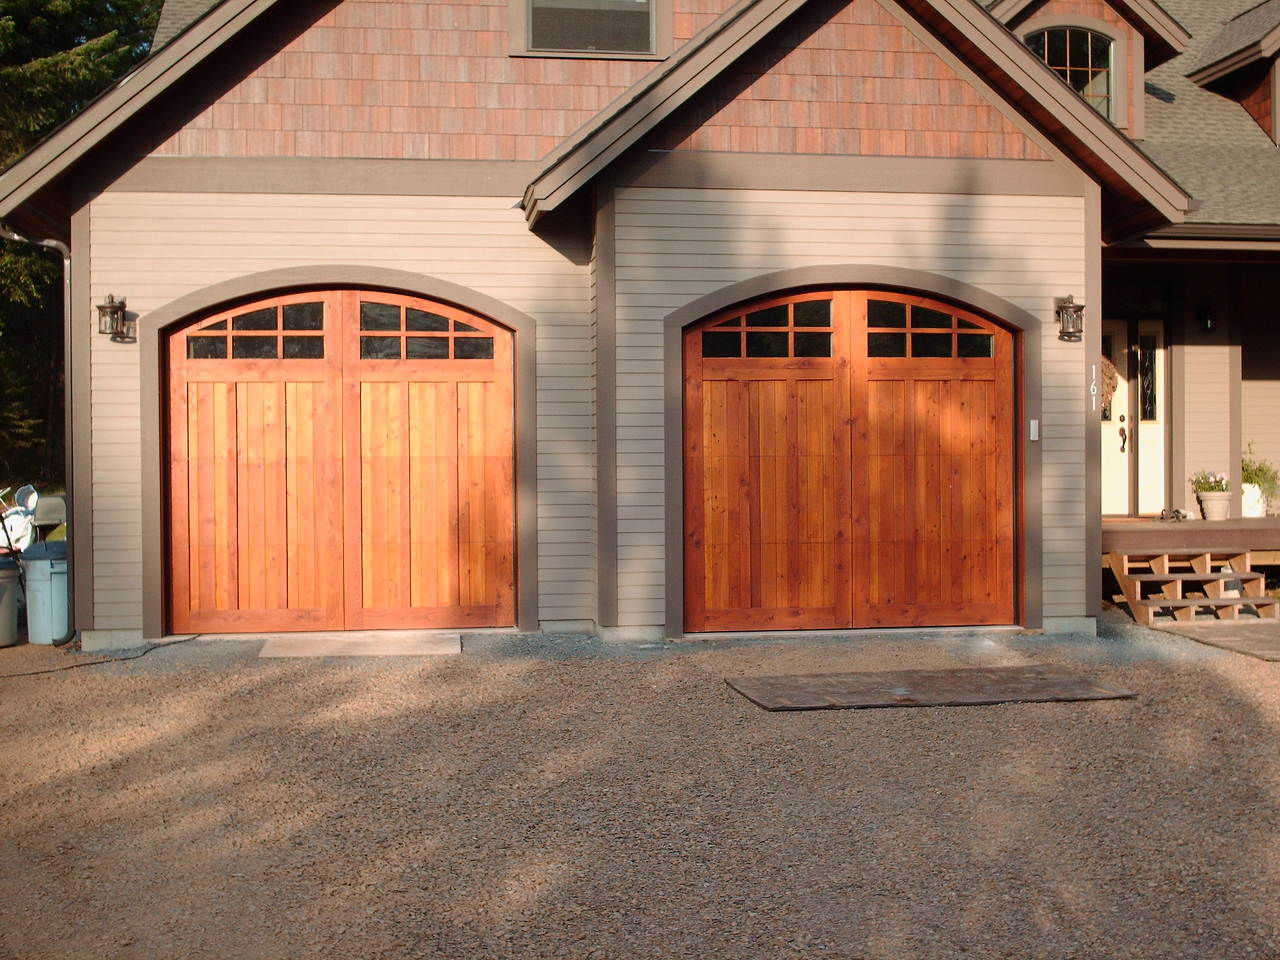 Garage Doors Unlimited Garage Doors San Diego San Diego Garage Doors Traditional Steel Garage Doors Wix Com